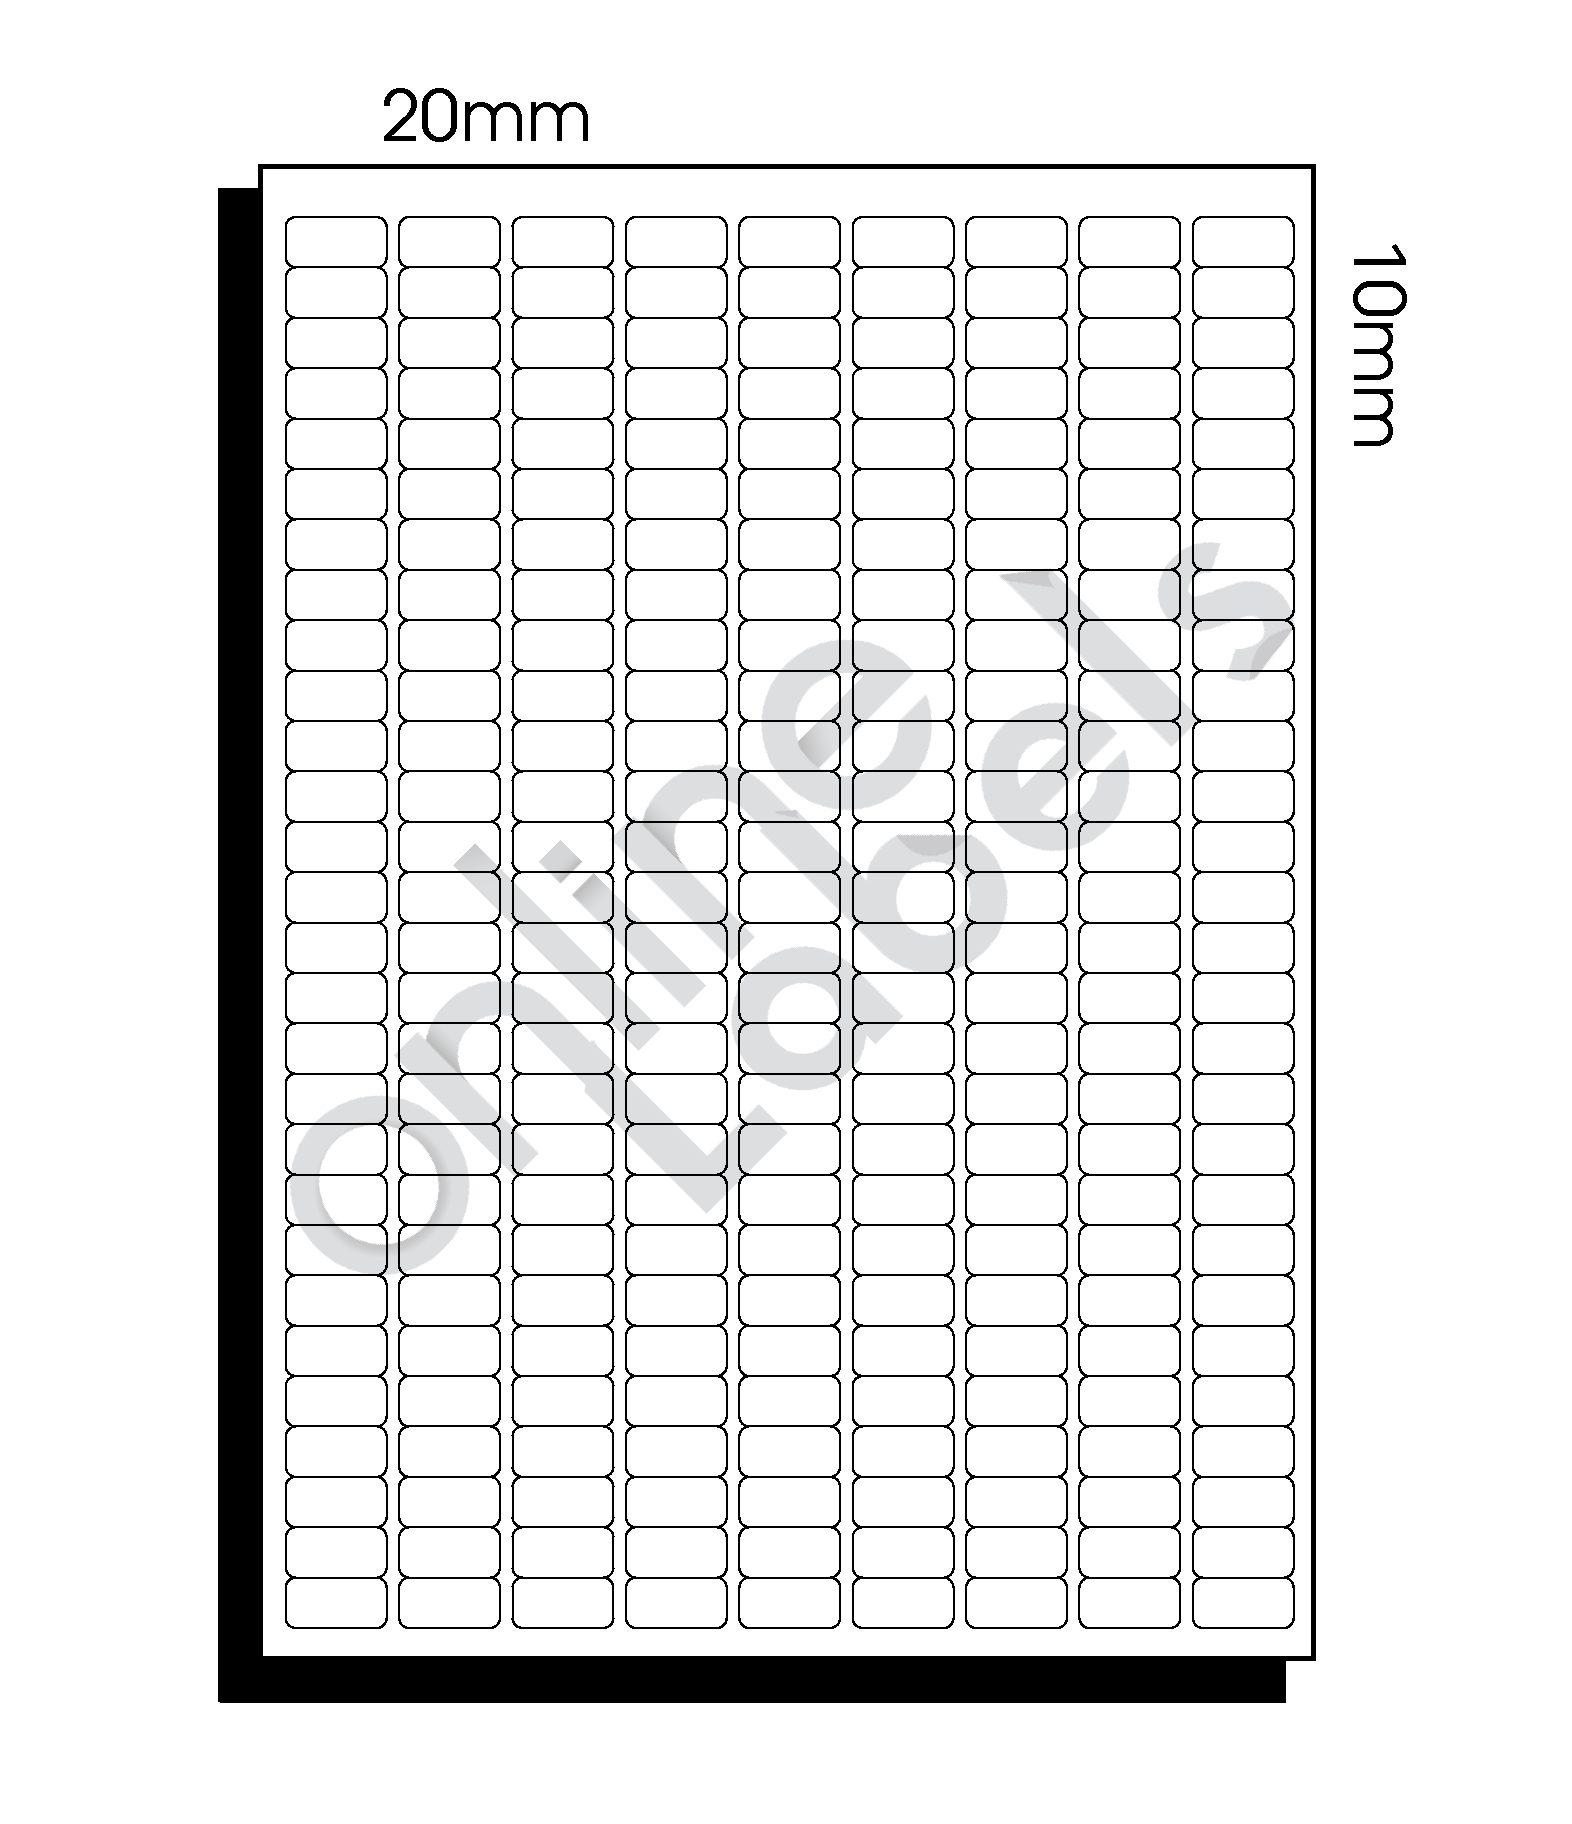 20mm x 10mm (062) – 252 Labels per Sheet